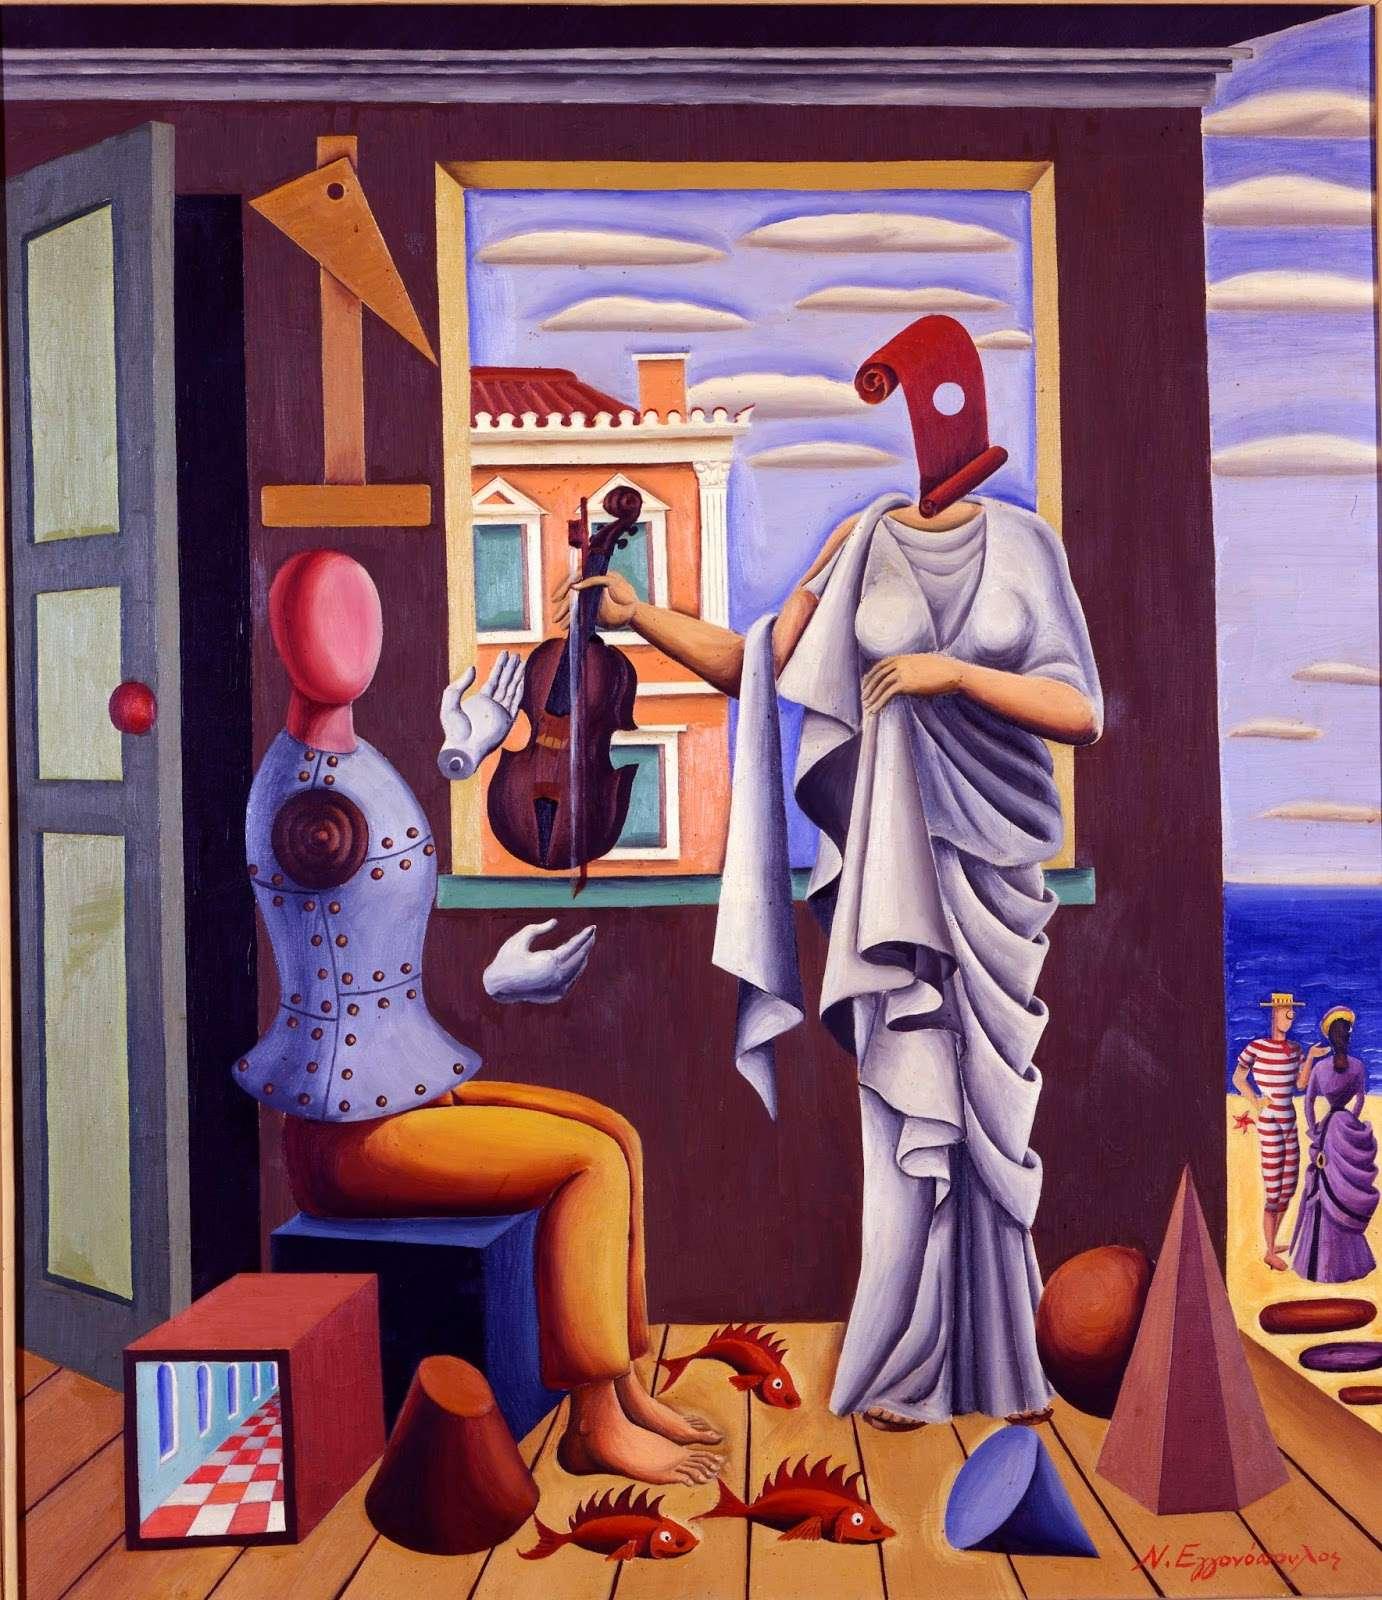 Νίκος Εγγονόπουλος – Ποιητής και μούσα (1938) Εθνική Πινακοθήκη.